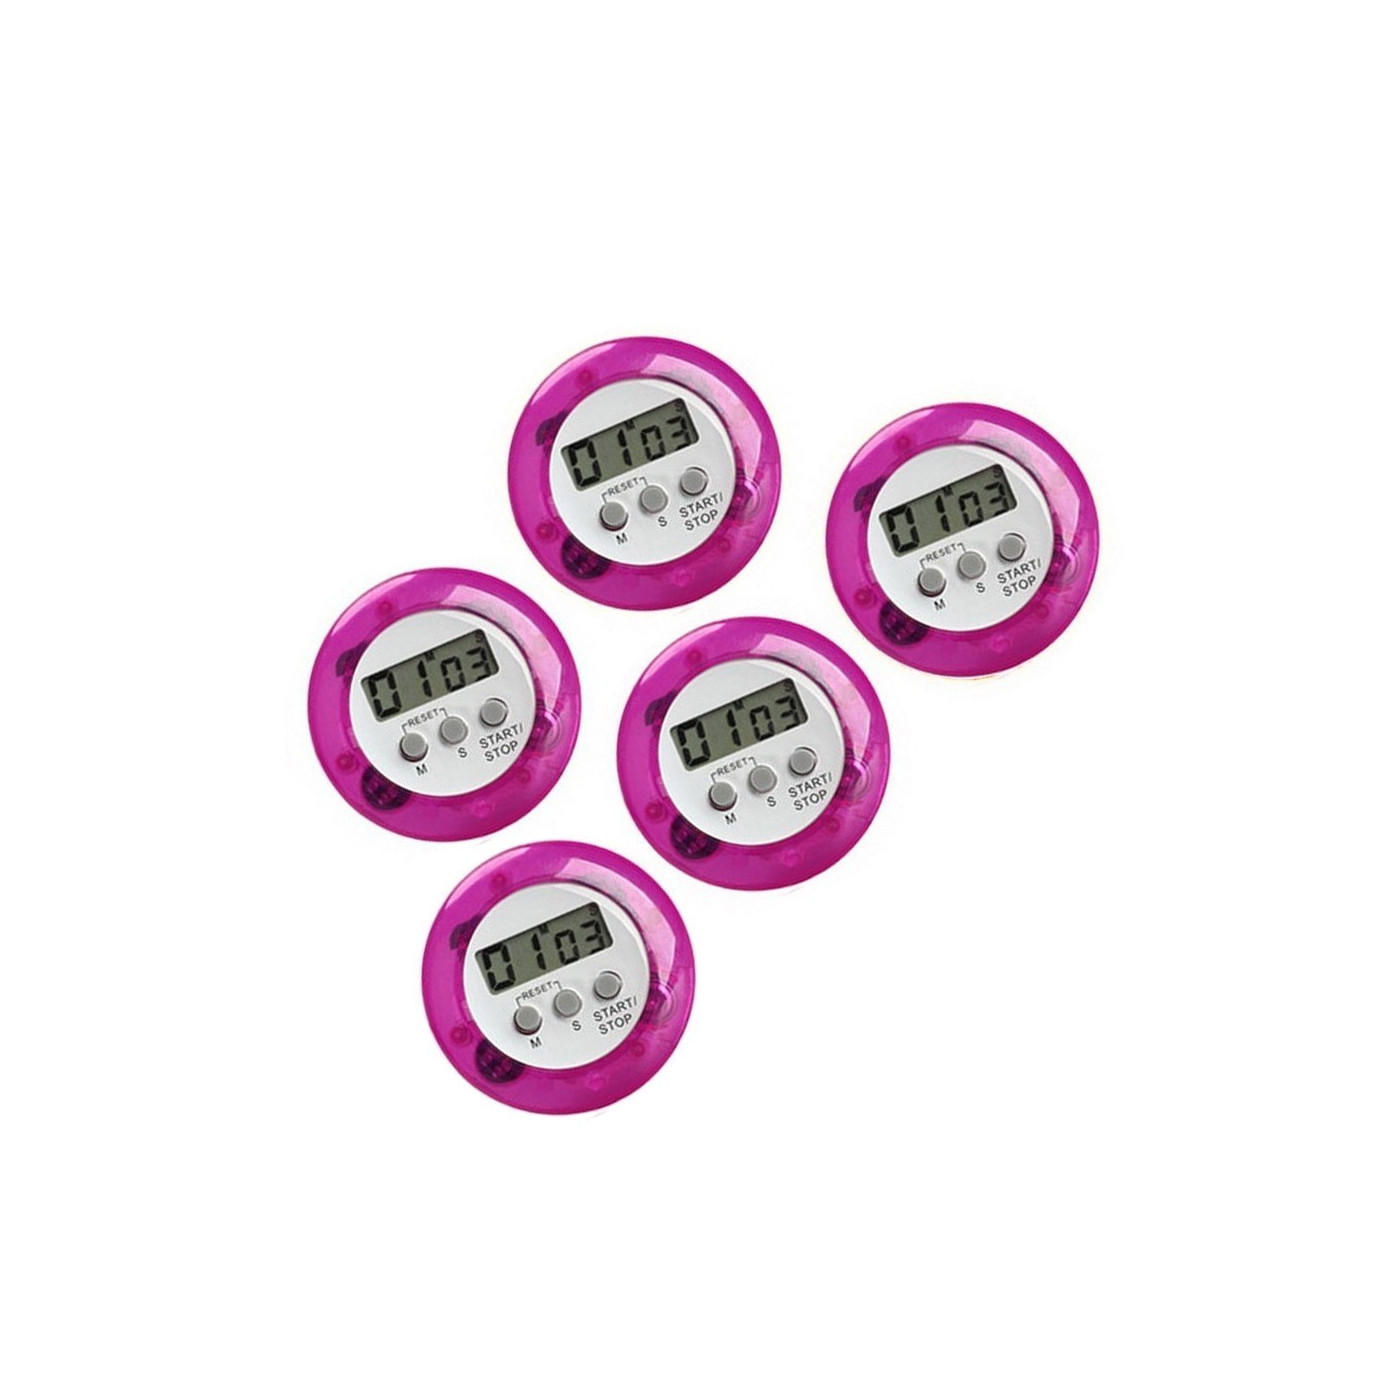 Ensemble de 5 minuteries de cuisine numériques, réveils, violet  - 1